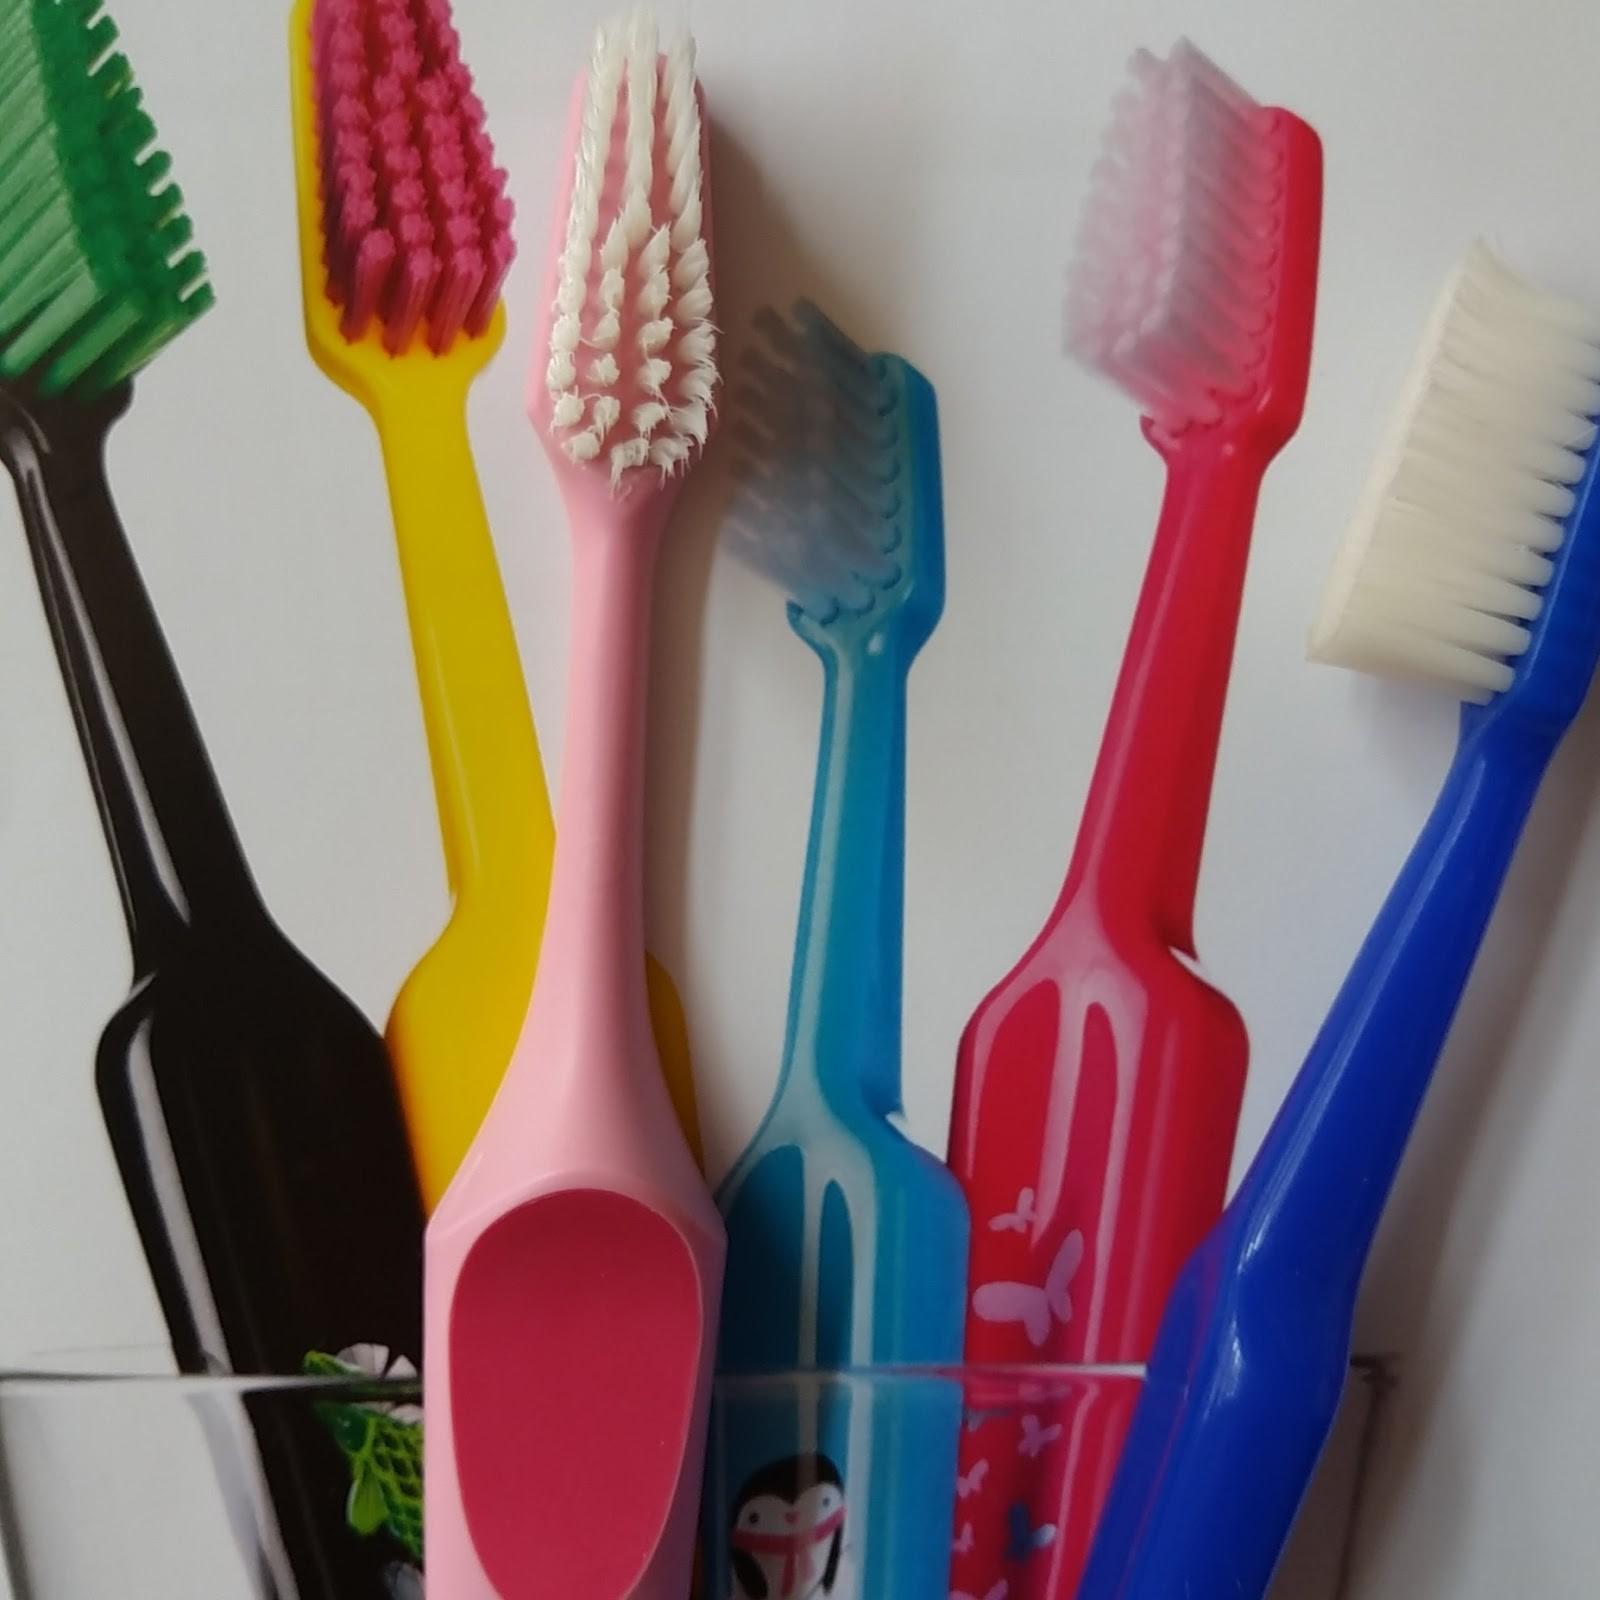 درمان دنداندرد چیست